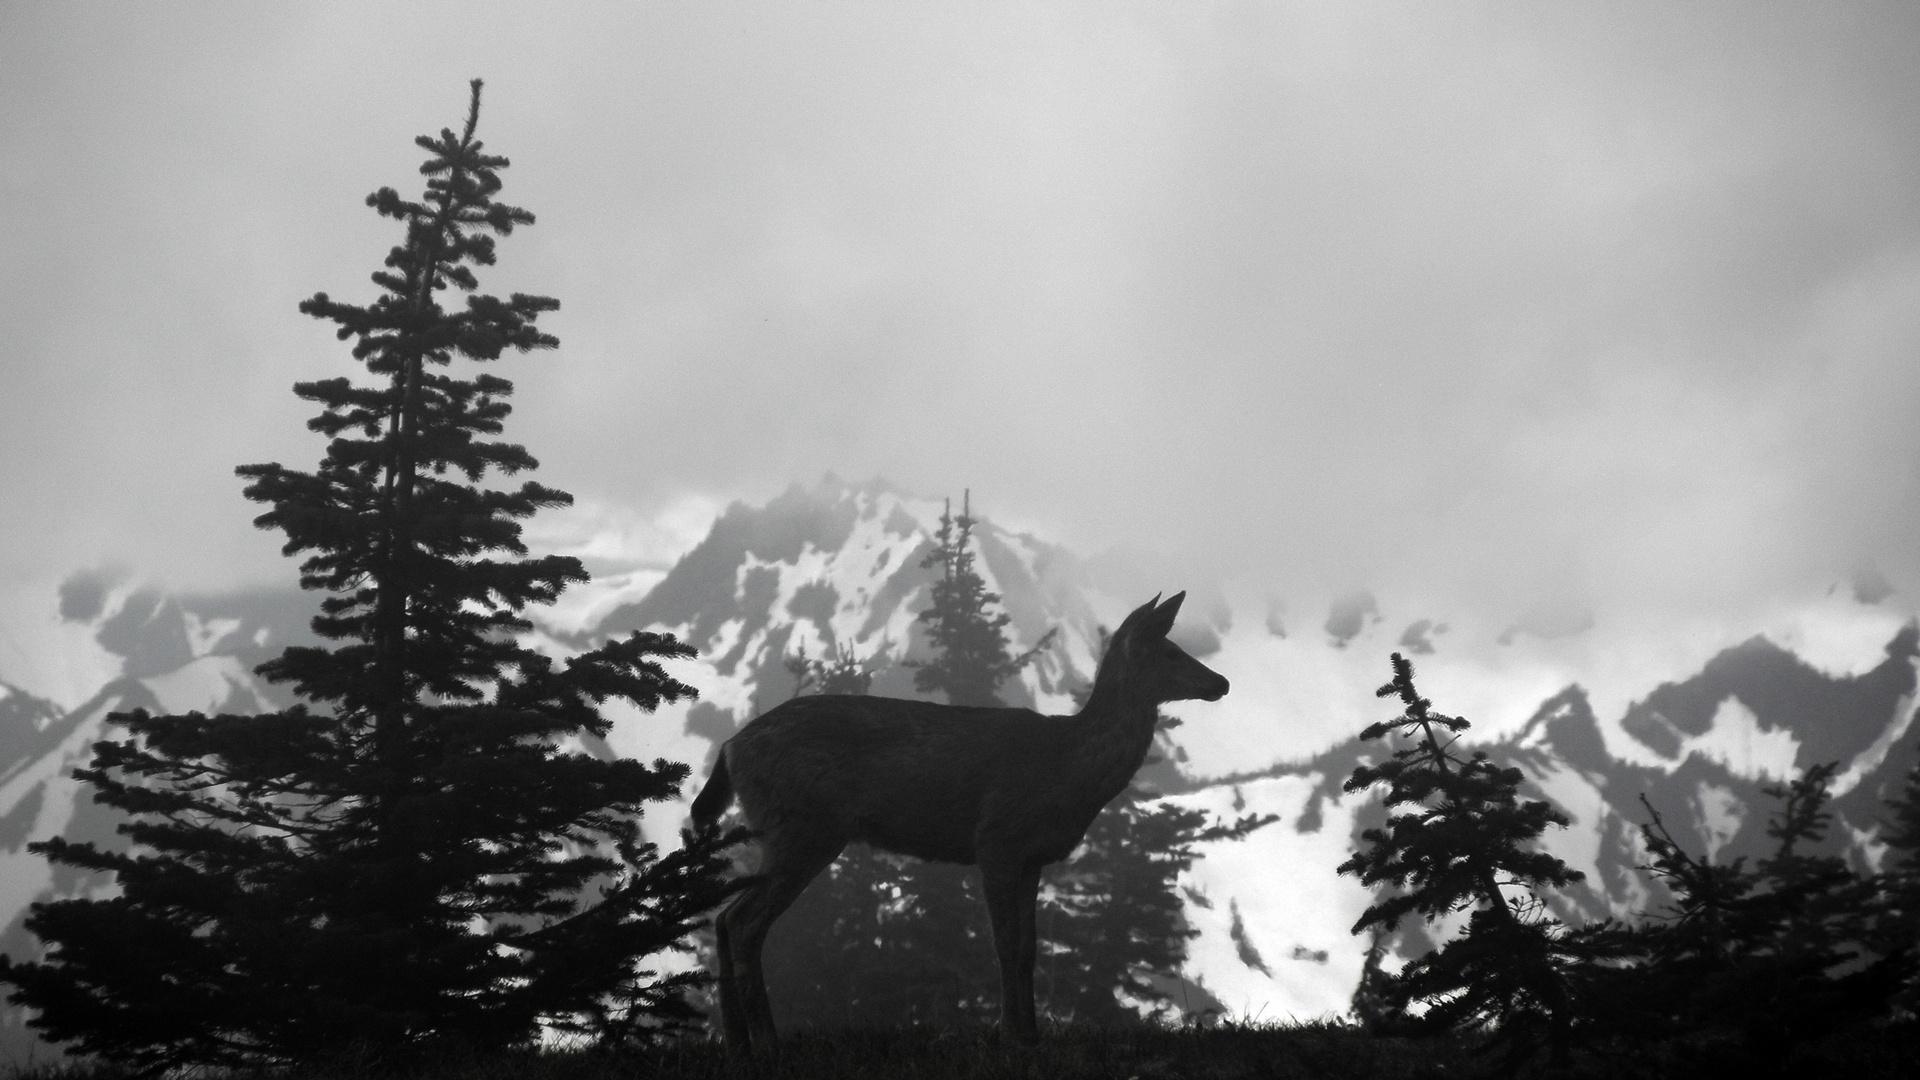 hurricane ridge olympic national park, Washington